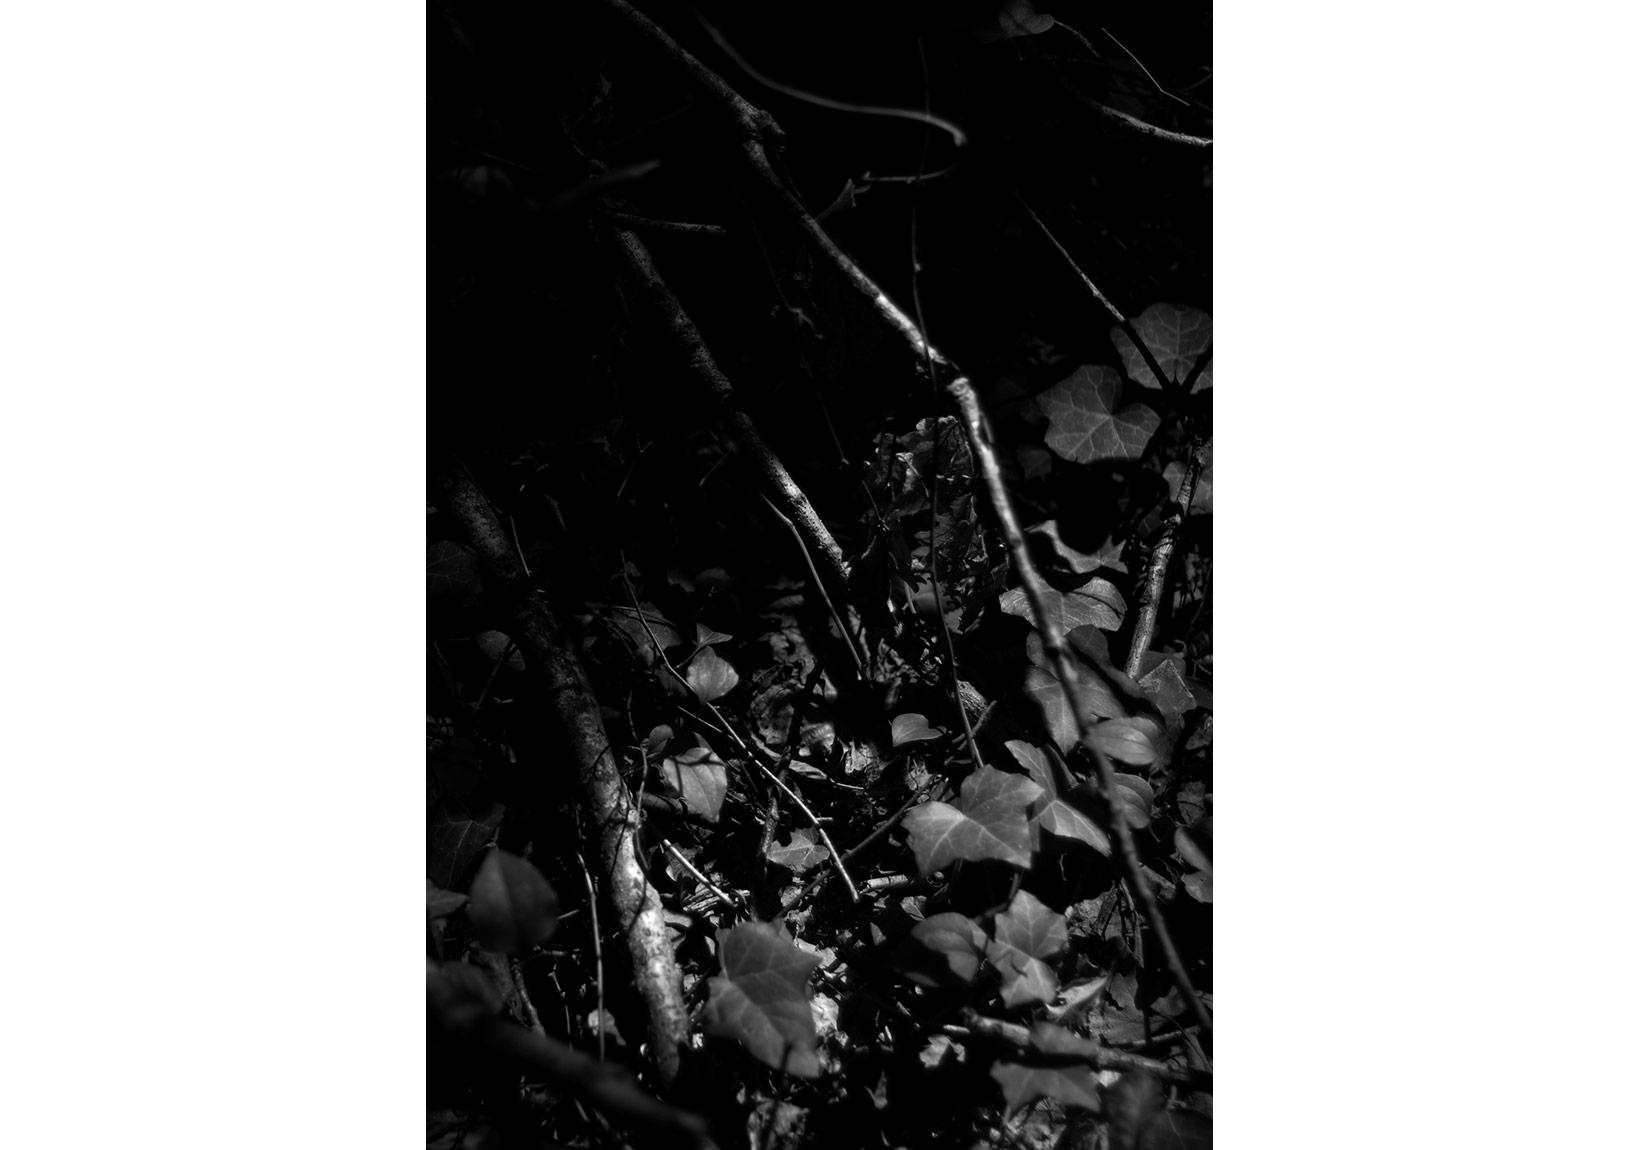 Aslı Narin, Rüzgarı Düşün/Think of the Wind(3), 2015, Diasec baskı/print, 40x27cm